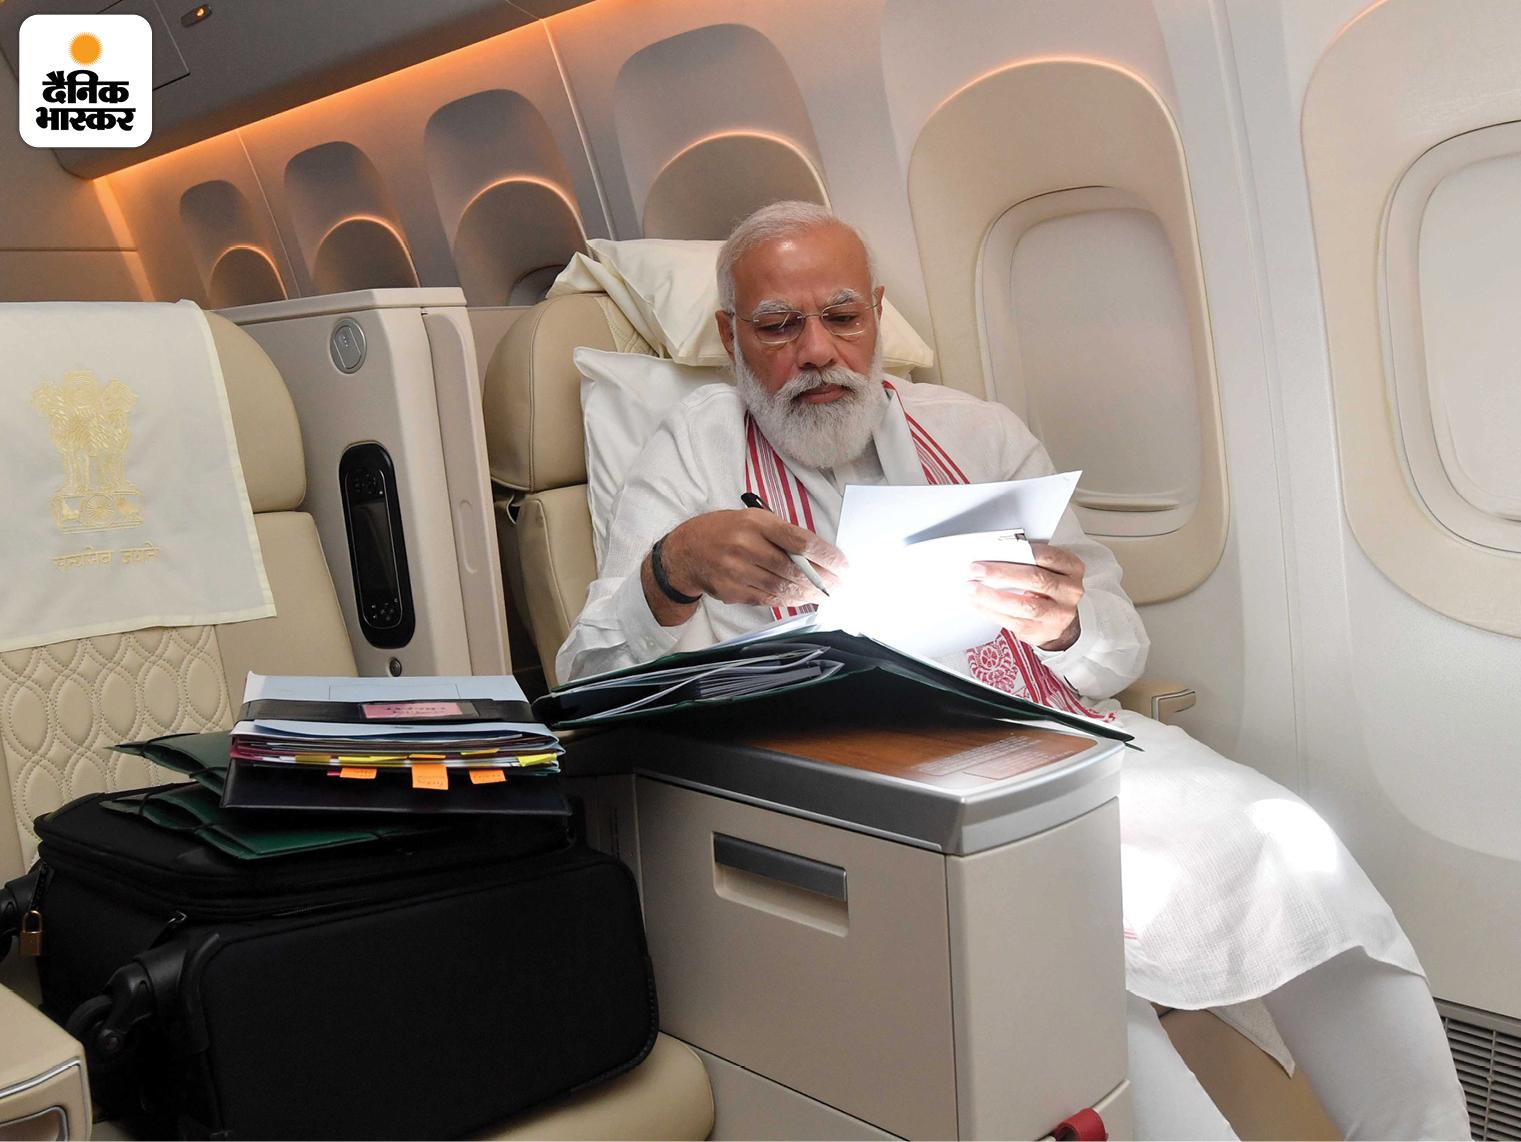 मोदी ने भारत से रवाना होने के बाद विमान के भीतर से भी अपनी एक फोटो ट्वीट की। इसमें वे कुछ कागजात पढ़ते हुए नजर आ रहे हैं।